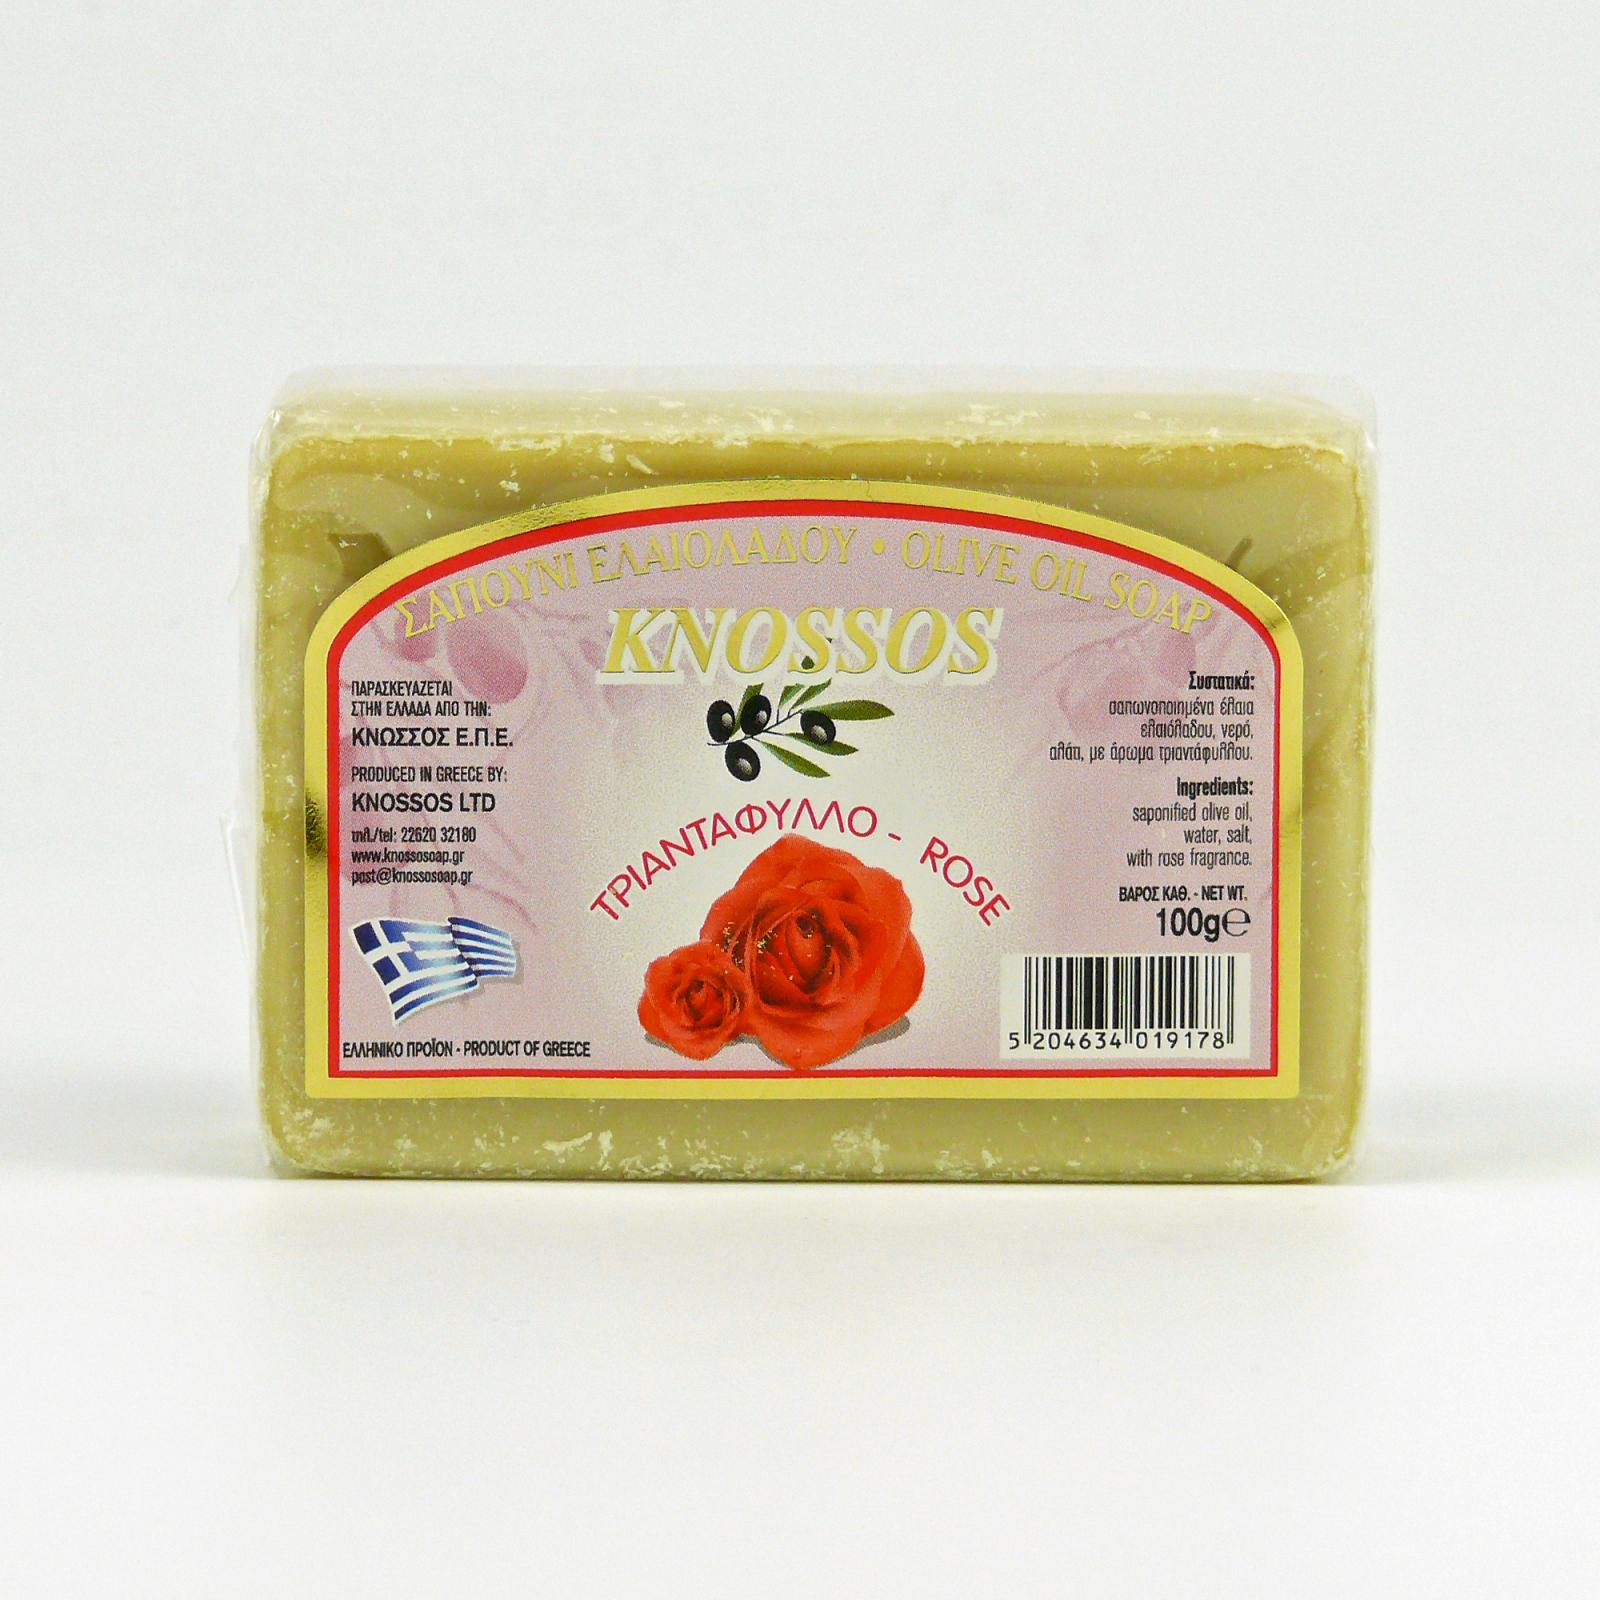 Knossos Mýdlo tuhé olivové, růže 100 g